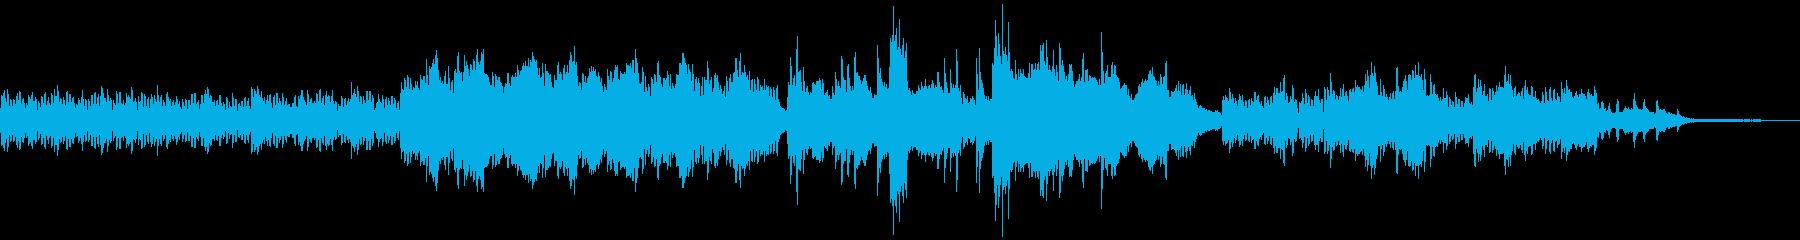 「ユートピア」 ピアノとチェロのためのの再生済みの波形